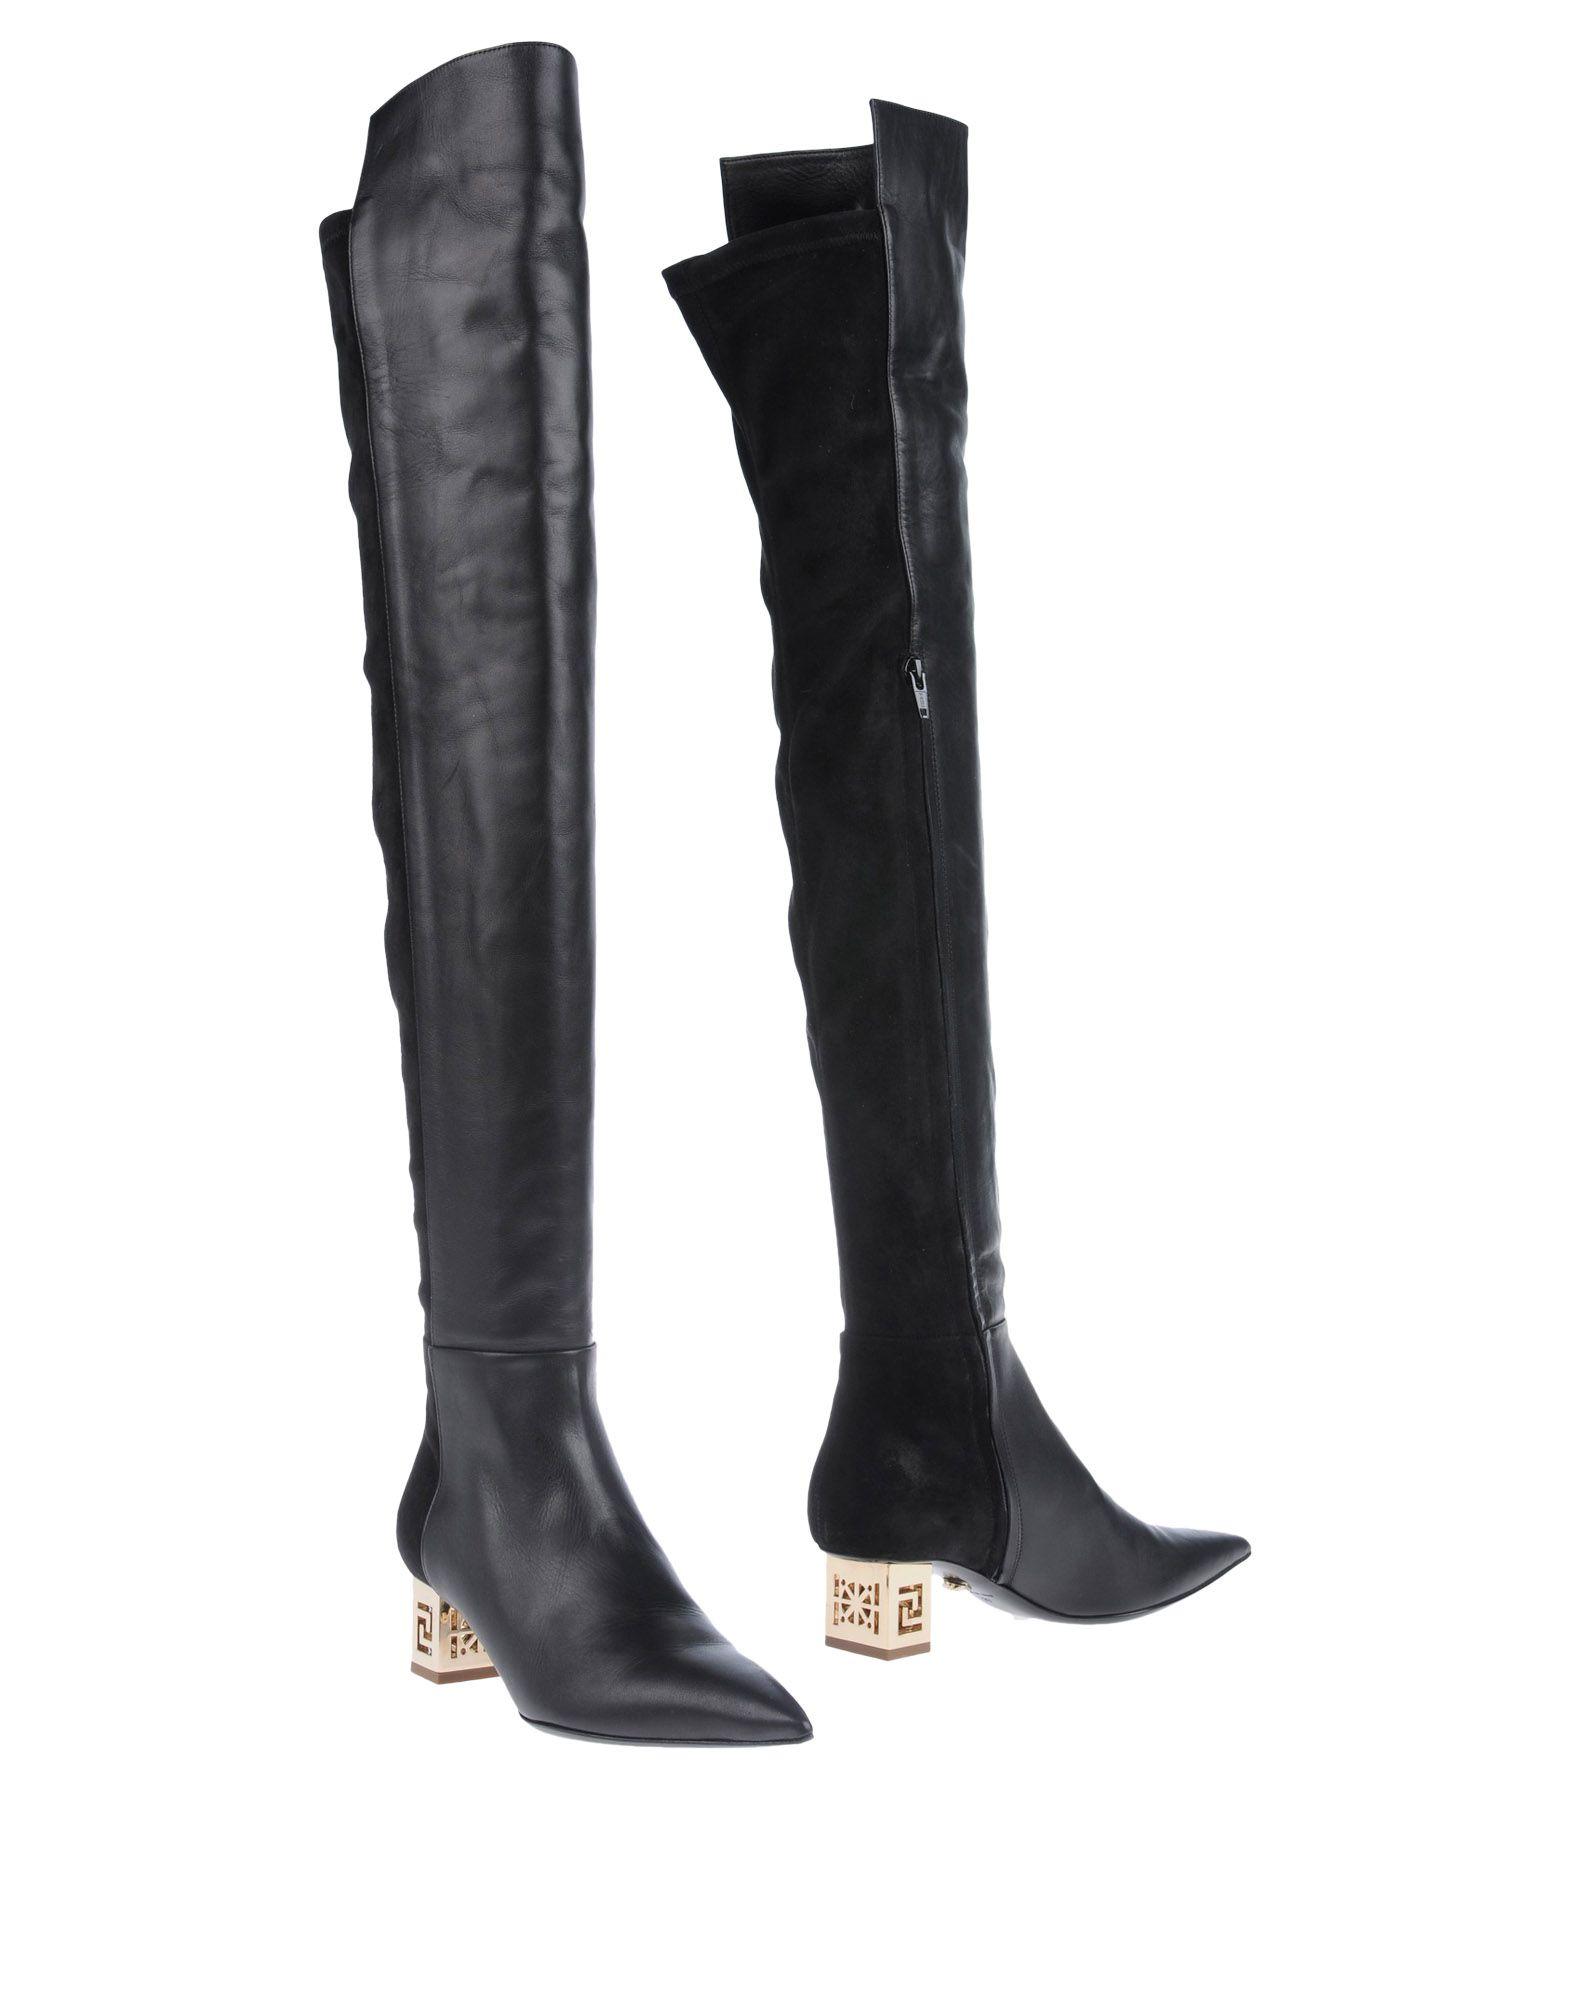 Moda Stivali Versace Donna - 11176199WE